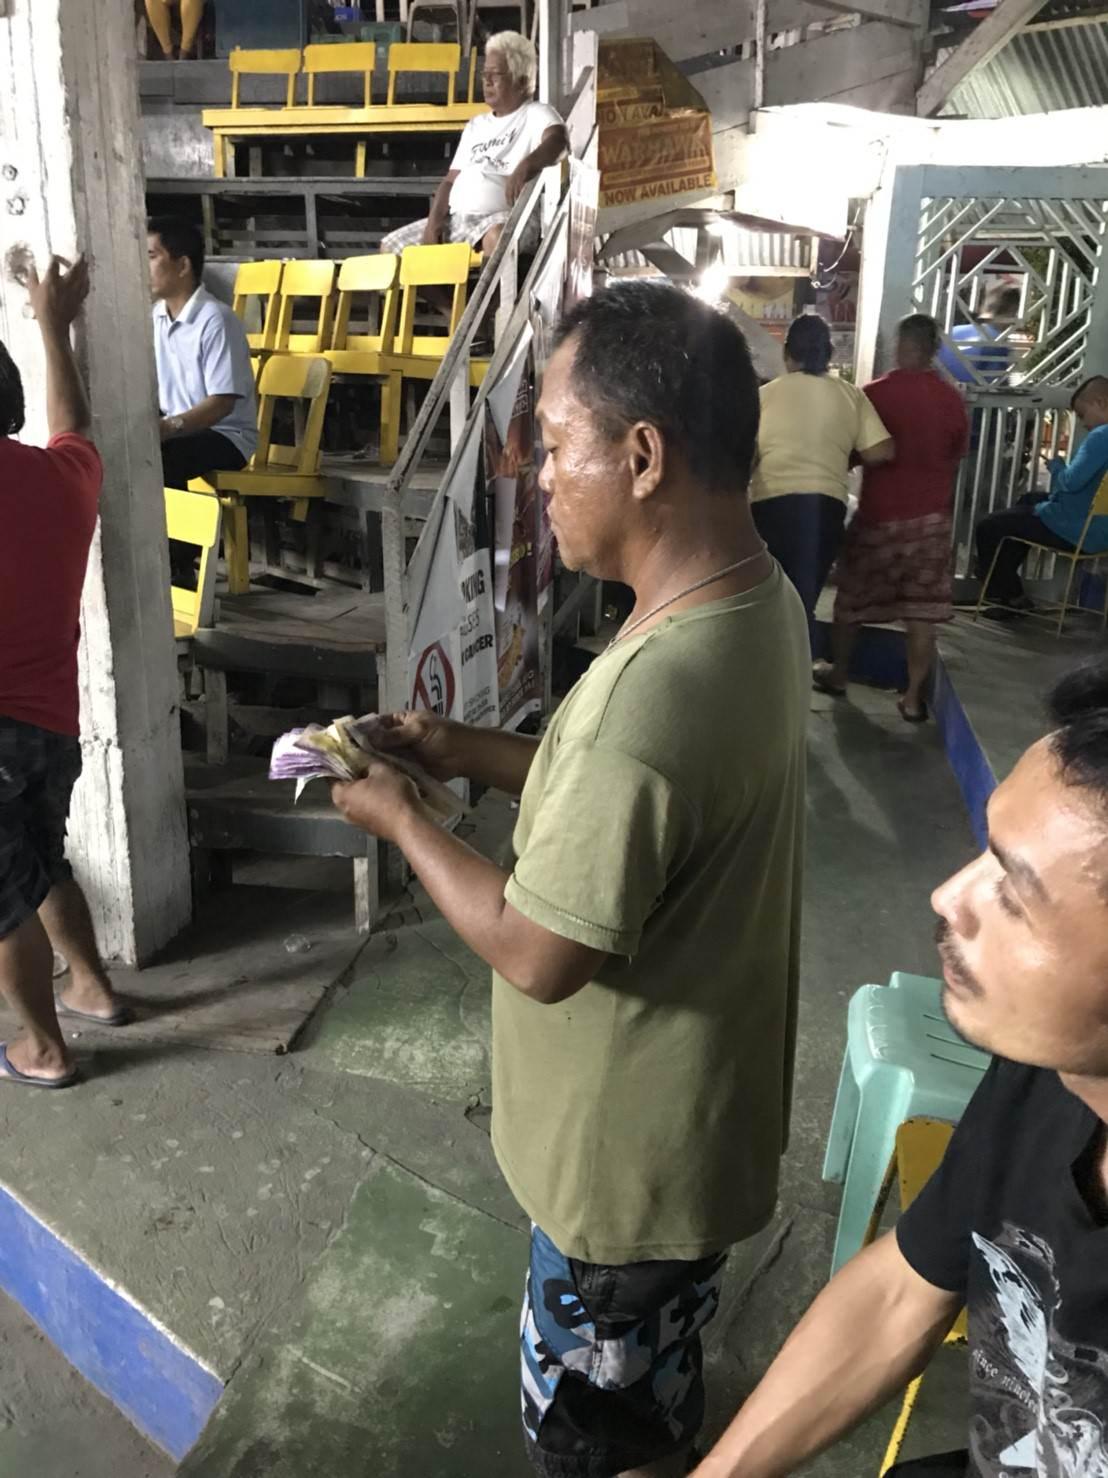 菲律賓遊學|在杜馬蓋地看海龜也看鬥雞!超新鮮